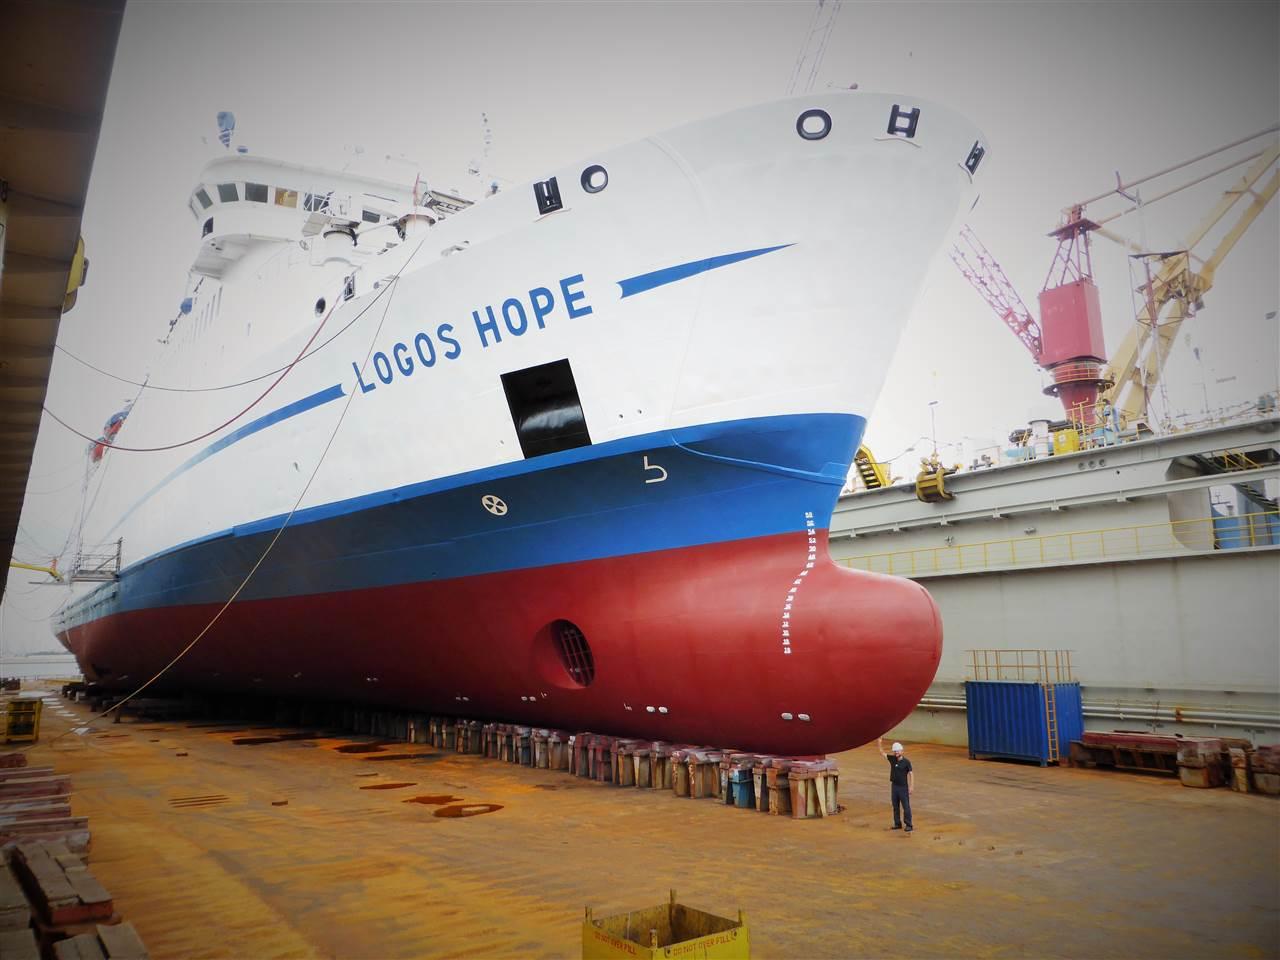 Singapur – Besuch auf einem Schiff voll Hoffnung